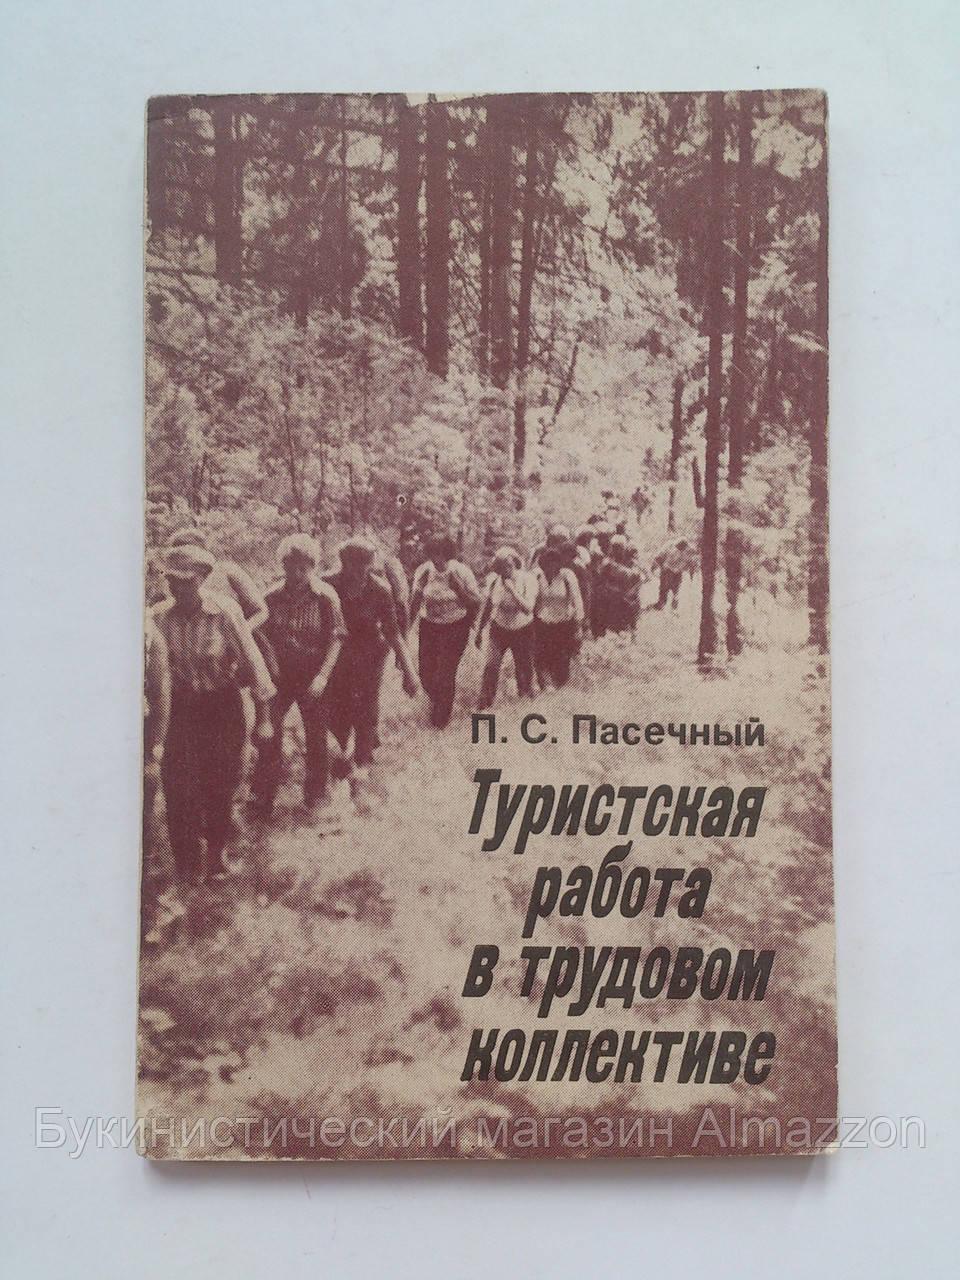 Туристская работа в трудовом коллективе П.Пасечный